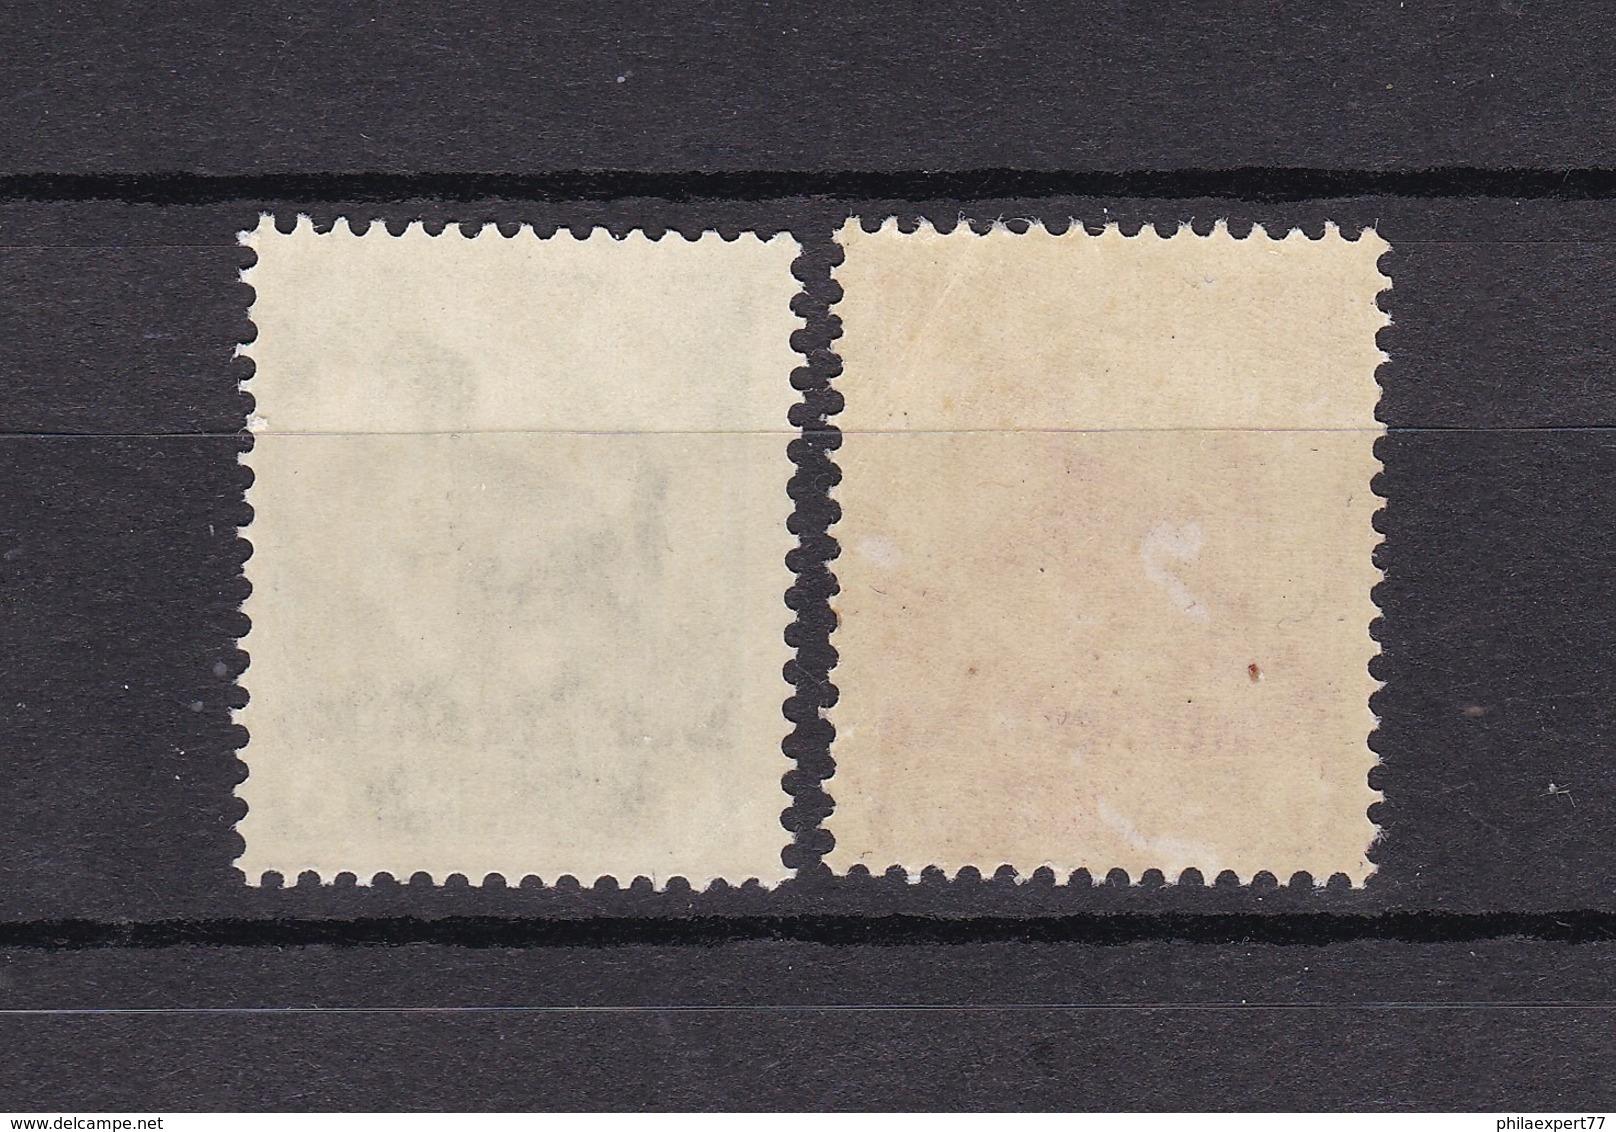 Deutsches Reich - 1934 - Michel Nr. 546/547 - Ungebr. - 60 Euro - Germany